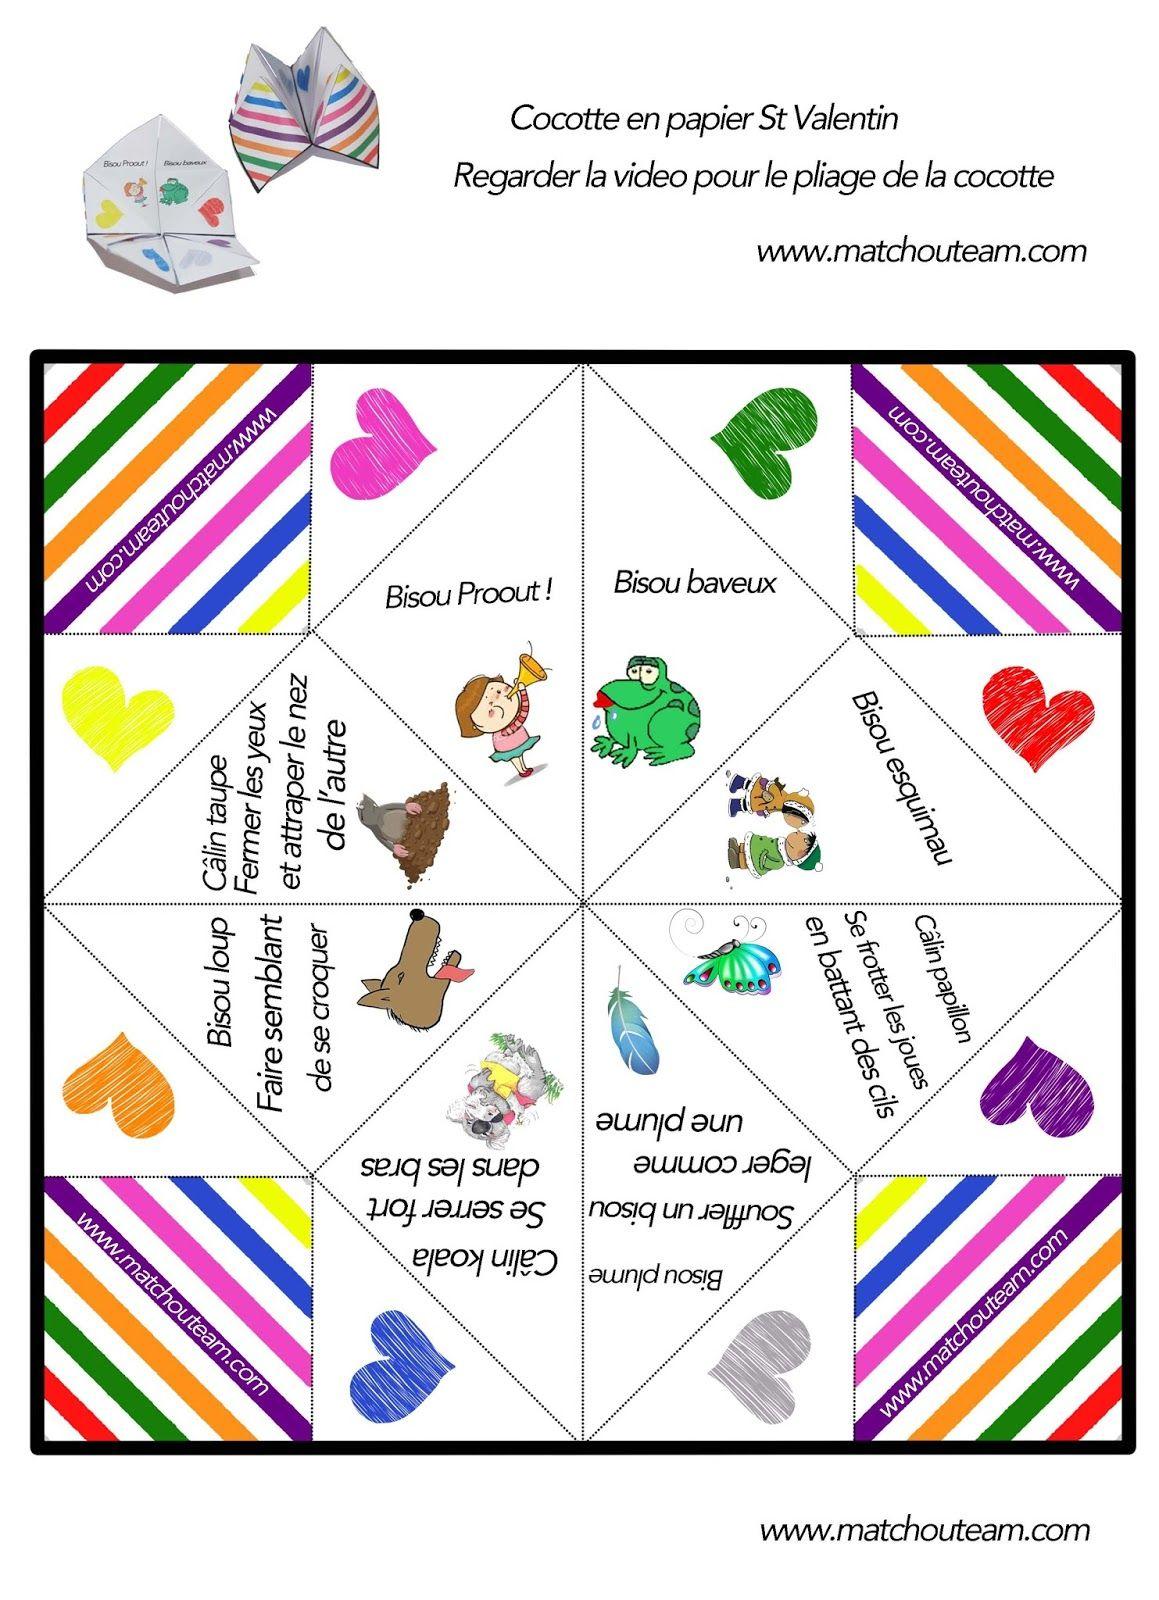 cocotte en papier et ses d fis sp cial amoureux origami for kids pinterest. Black Bedroom Furniture Sets. Home Design Ideas